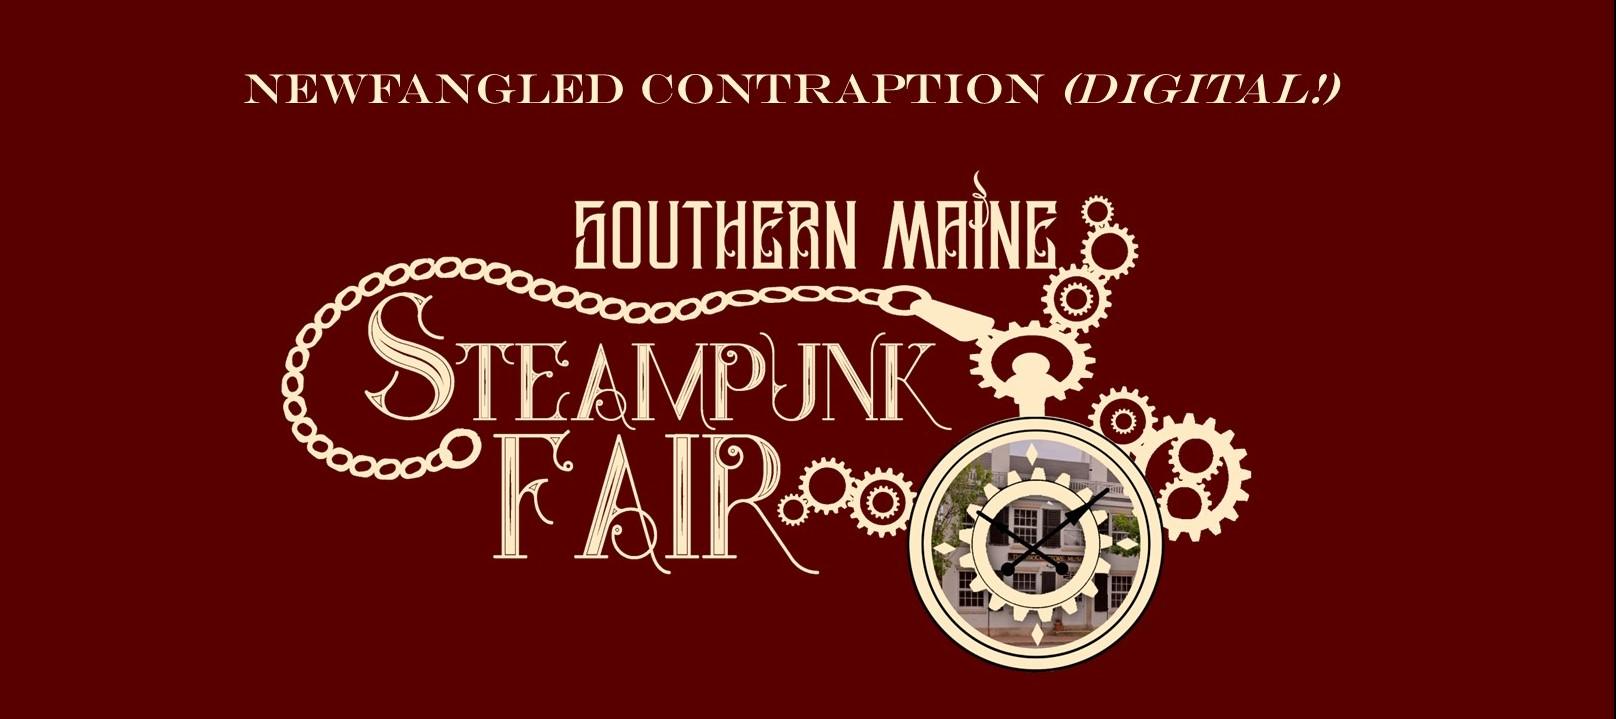 Steampunk Fair 2020 header